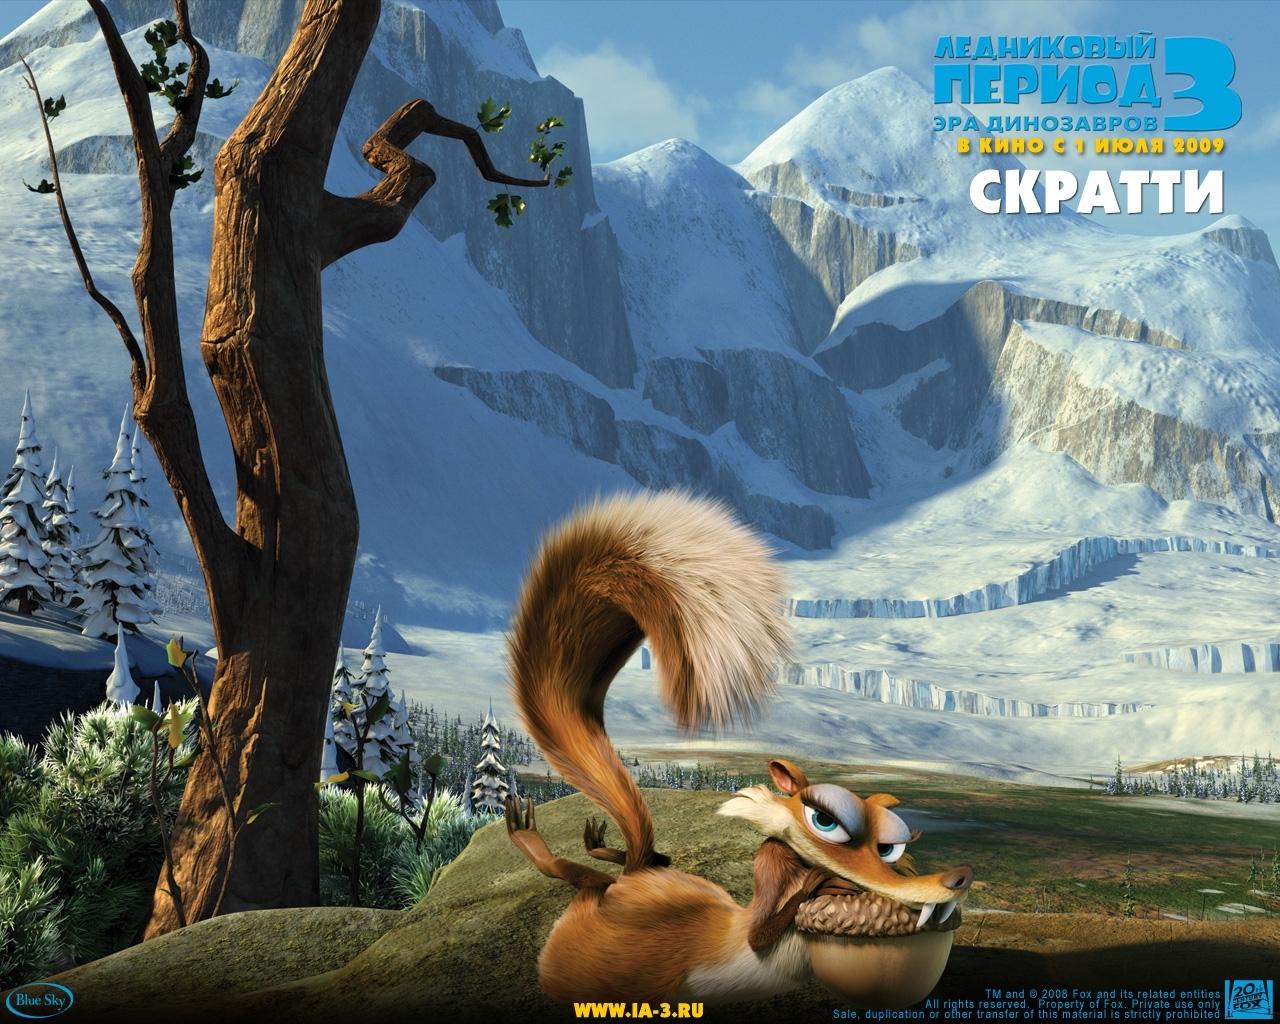 255 Hintergrundbild herunterladen Cartoon, Eiszeit, Scratte - Bildschirmschoner und Bilder kostenlos